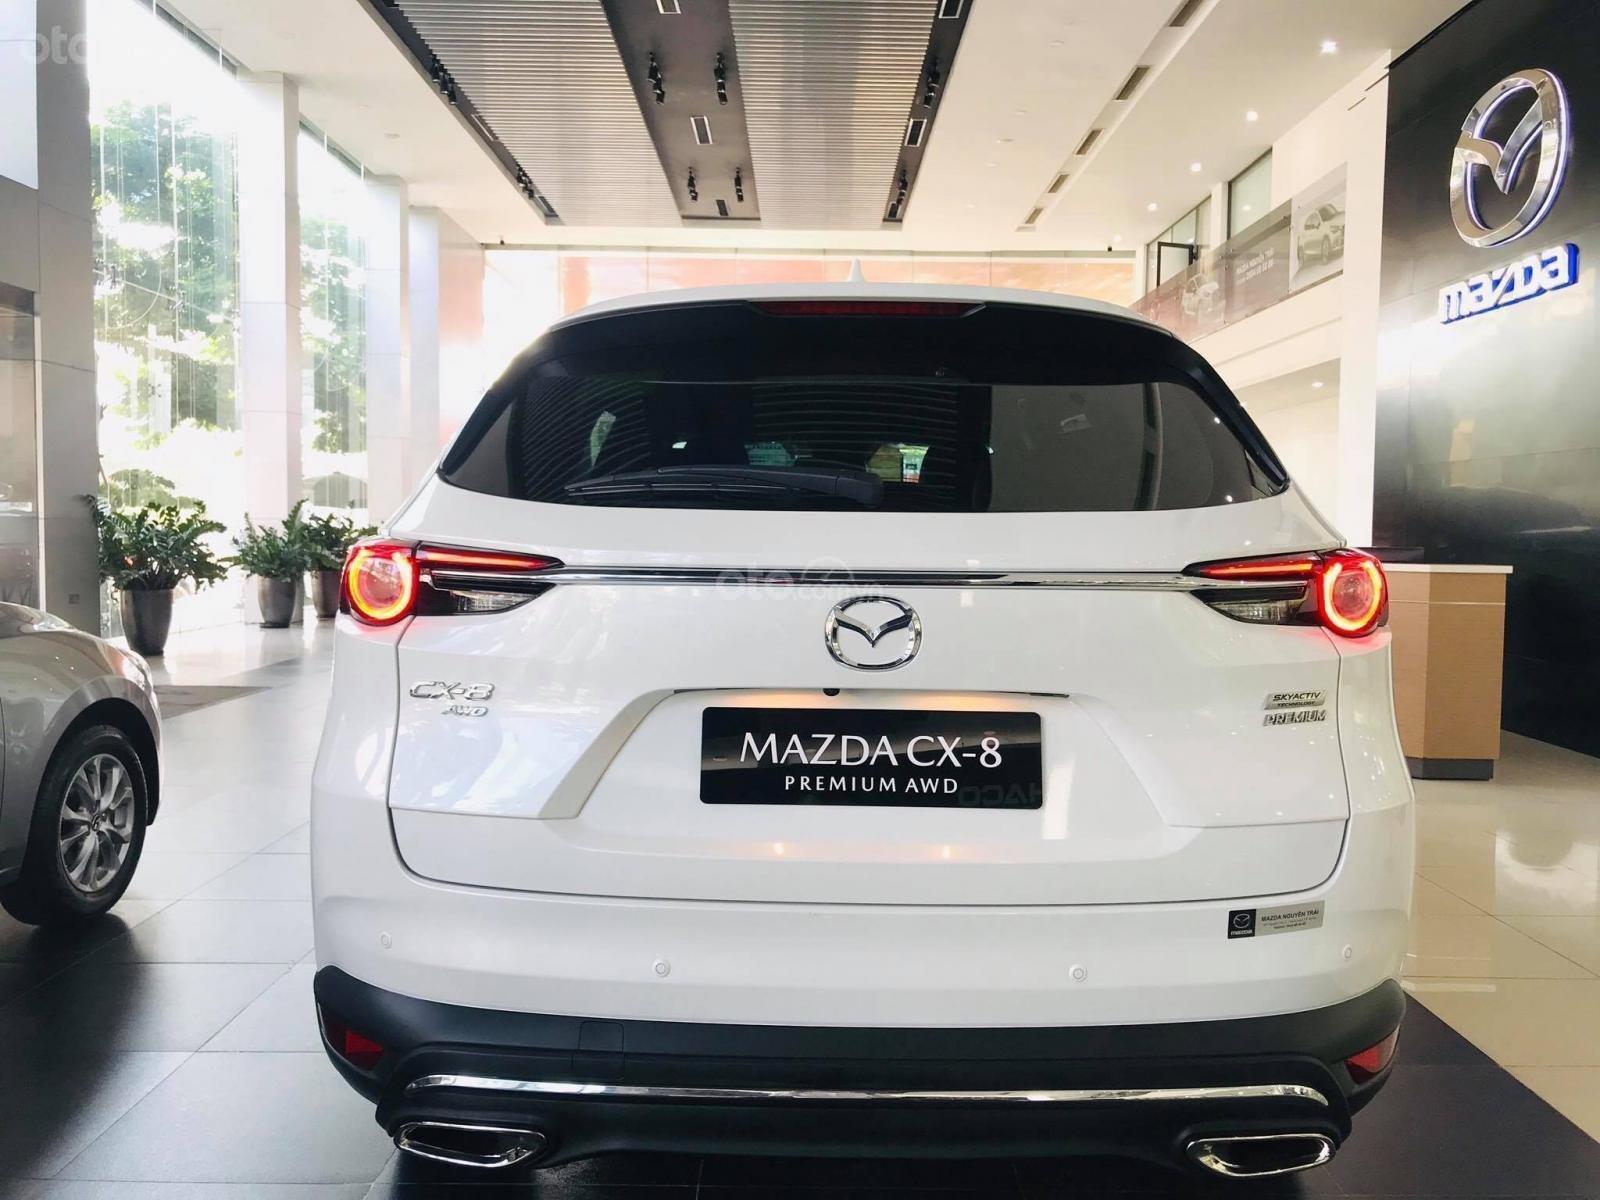 Cần bán nhanh chiếc xe Mazda CX-8 Premium AWD năm sản xuất 2019, màu trắng - Giao xe tận nhà miễn phí (10)